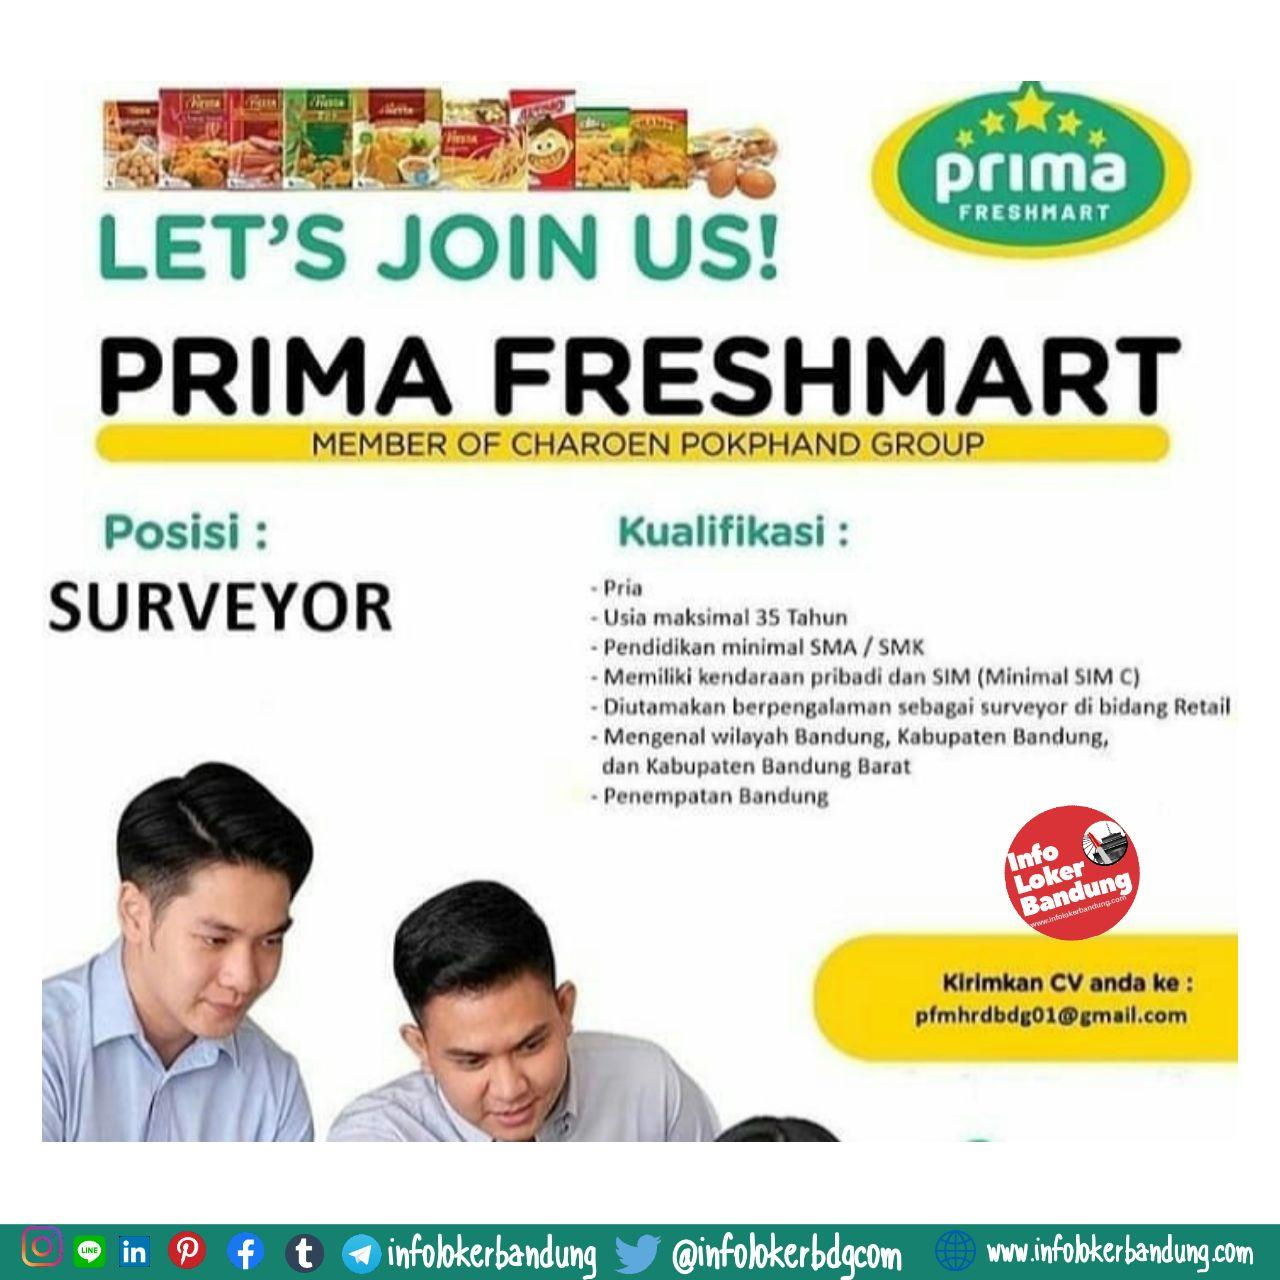 Lowongan Kerja Prima Freshmart Bandung April 2020